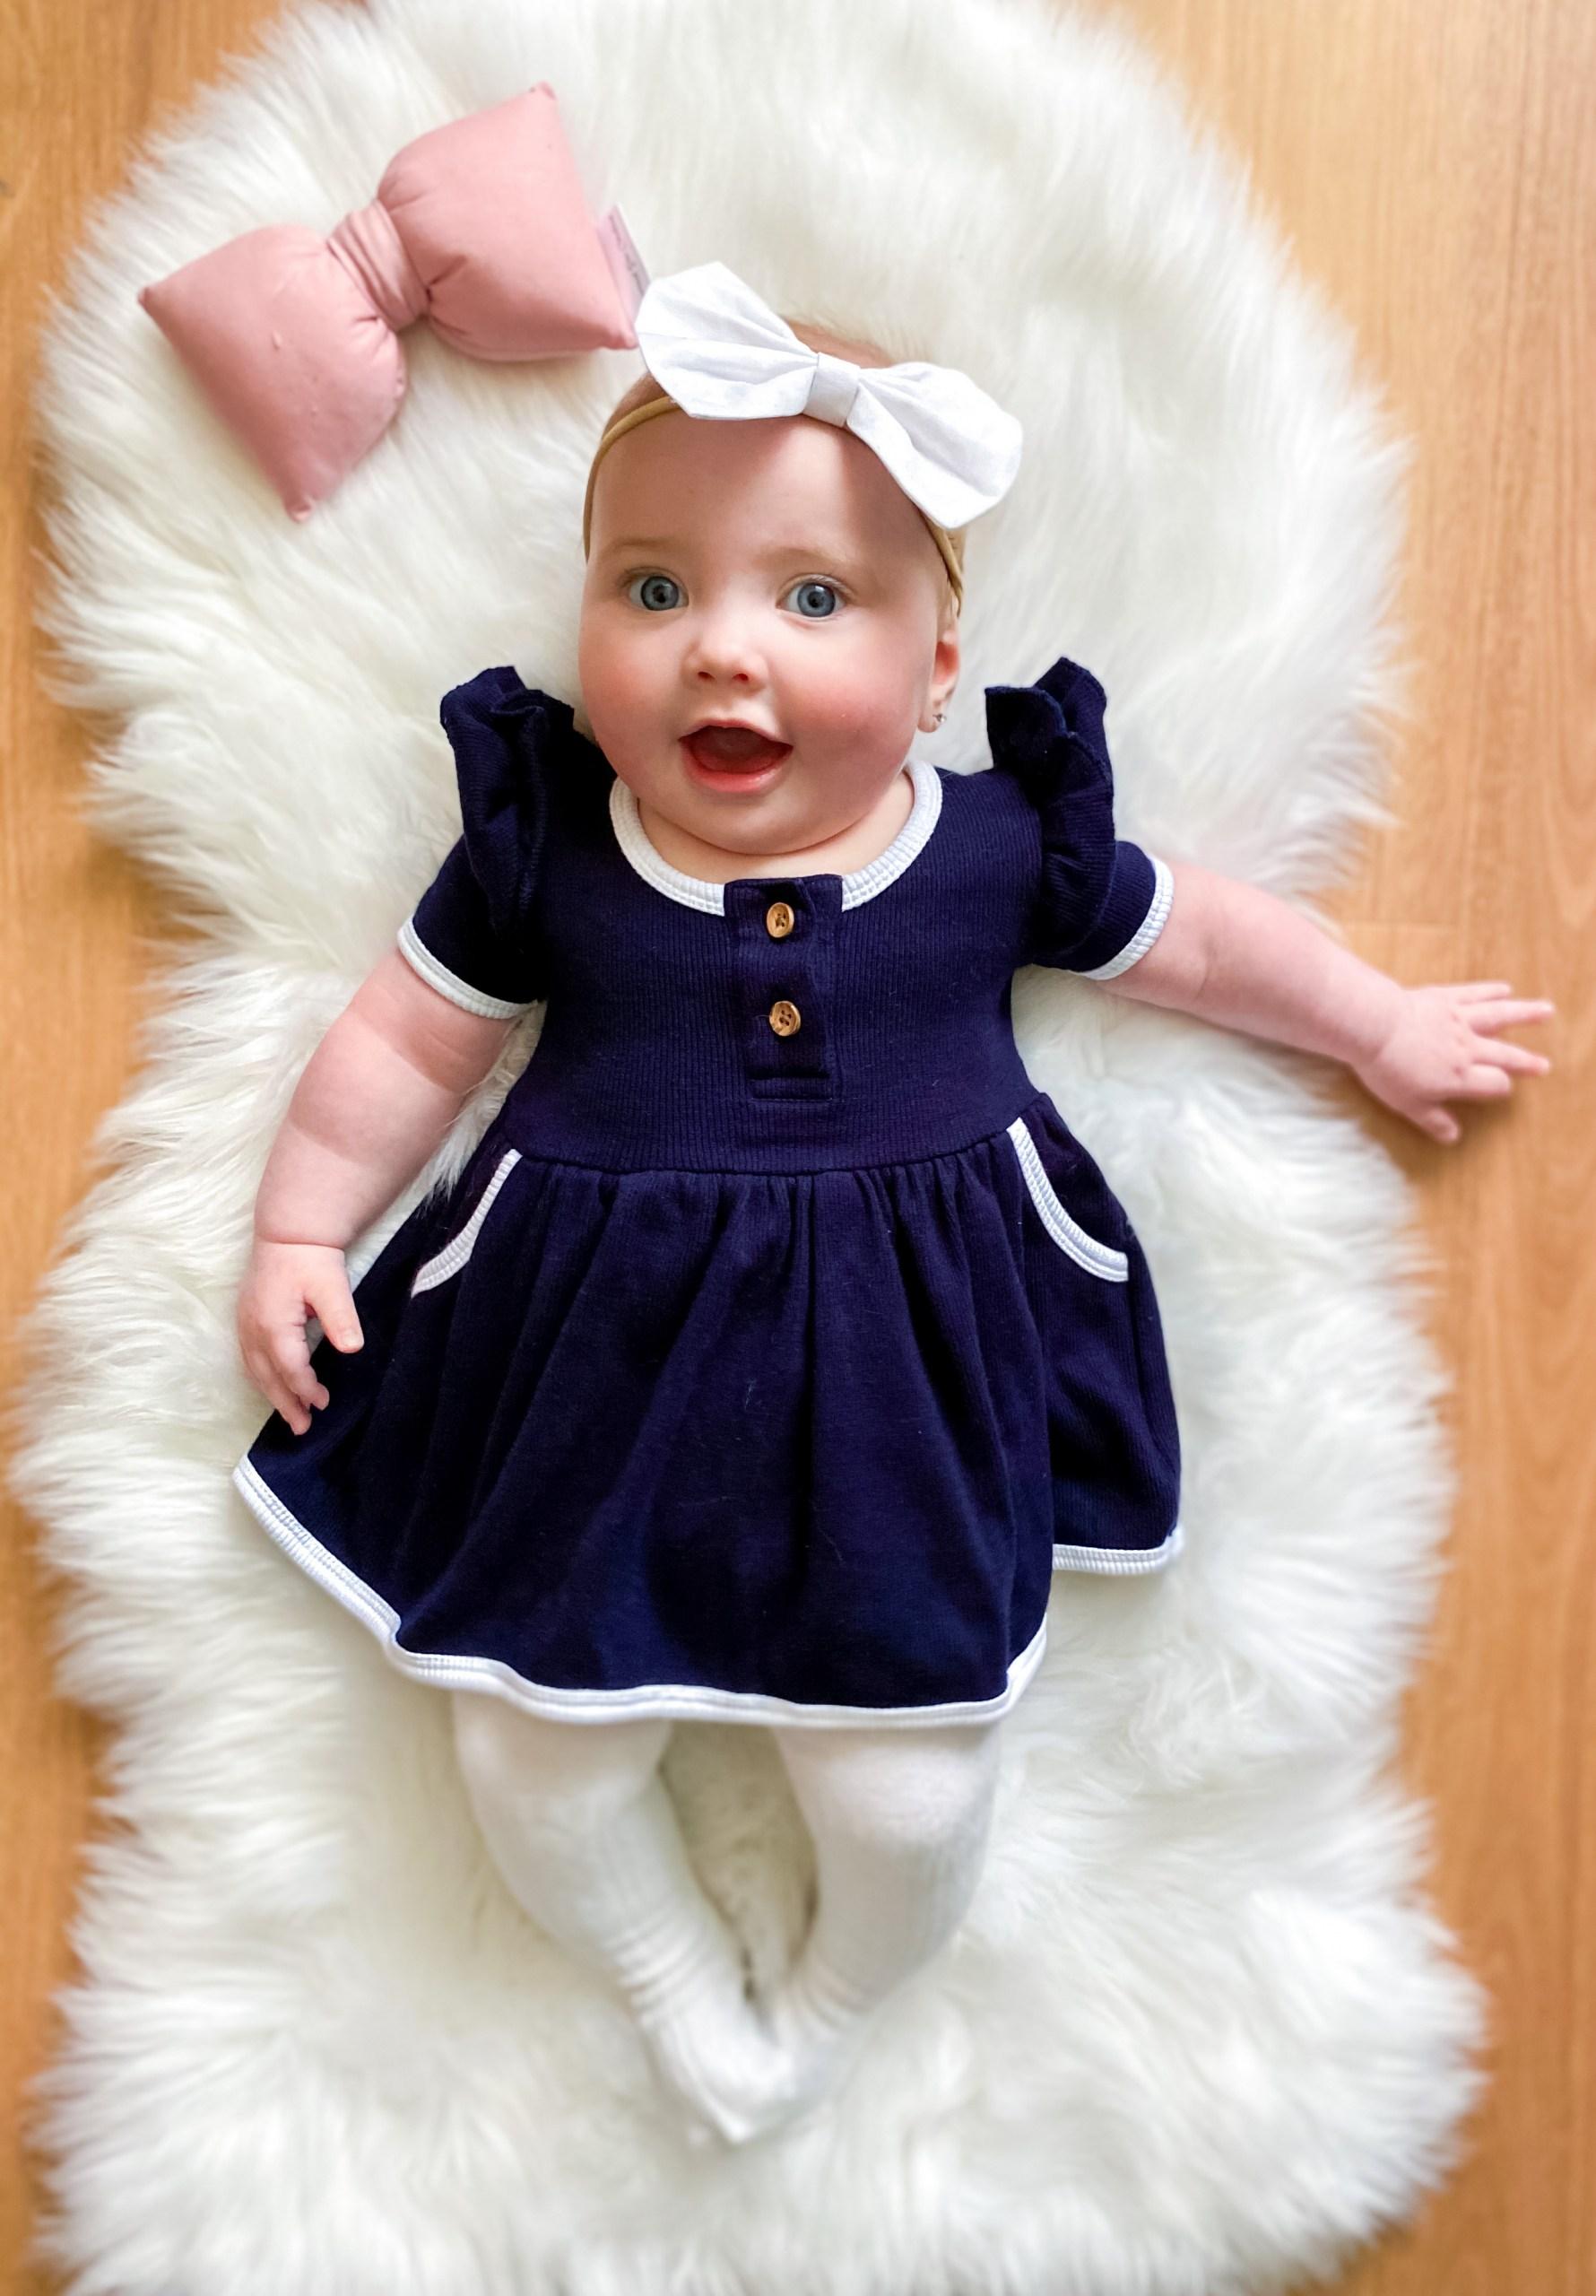 Cute girl in Navy dress